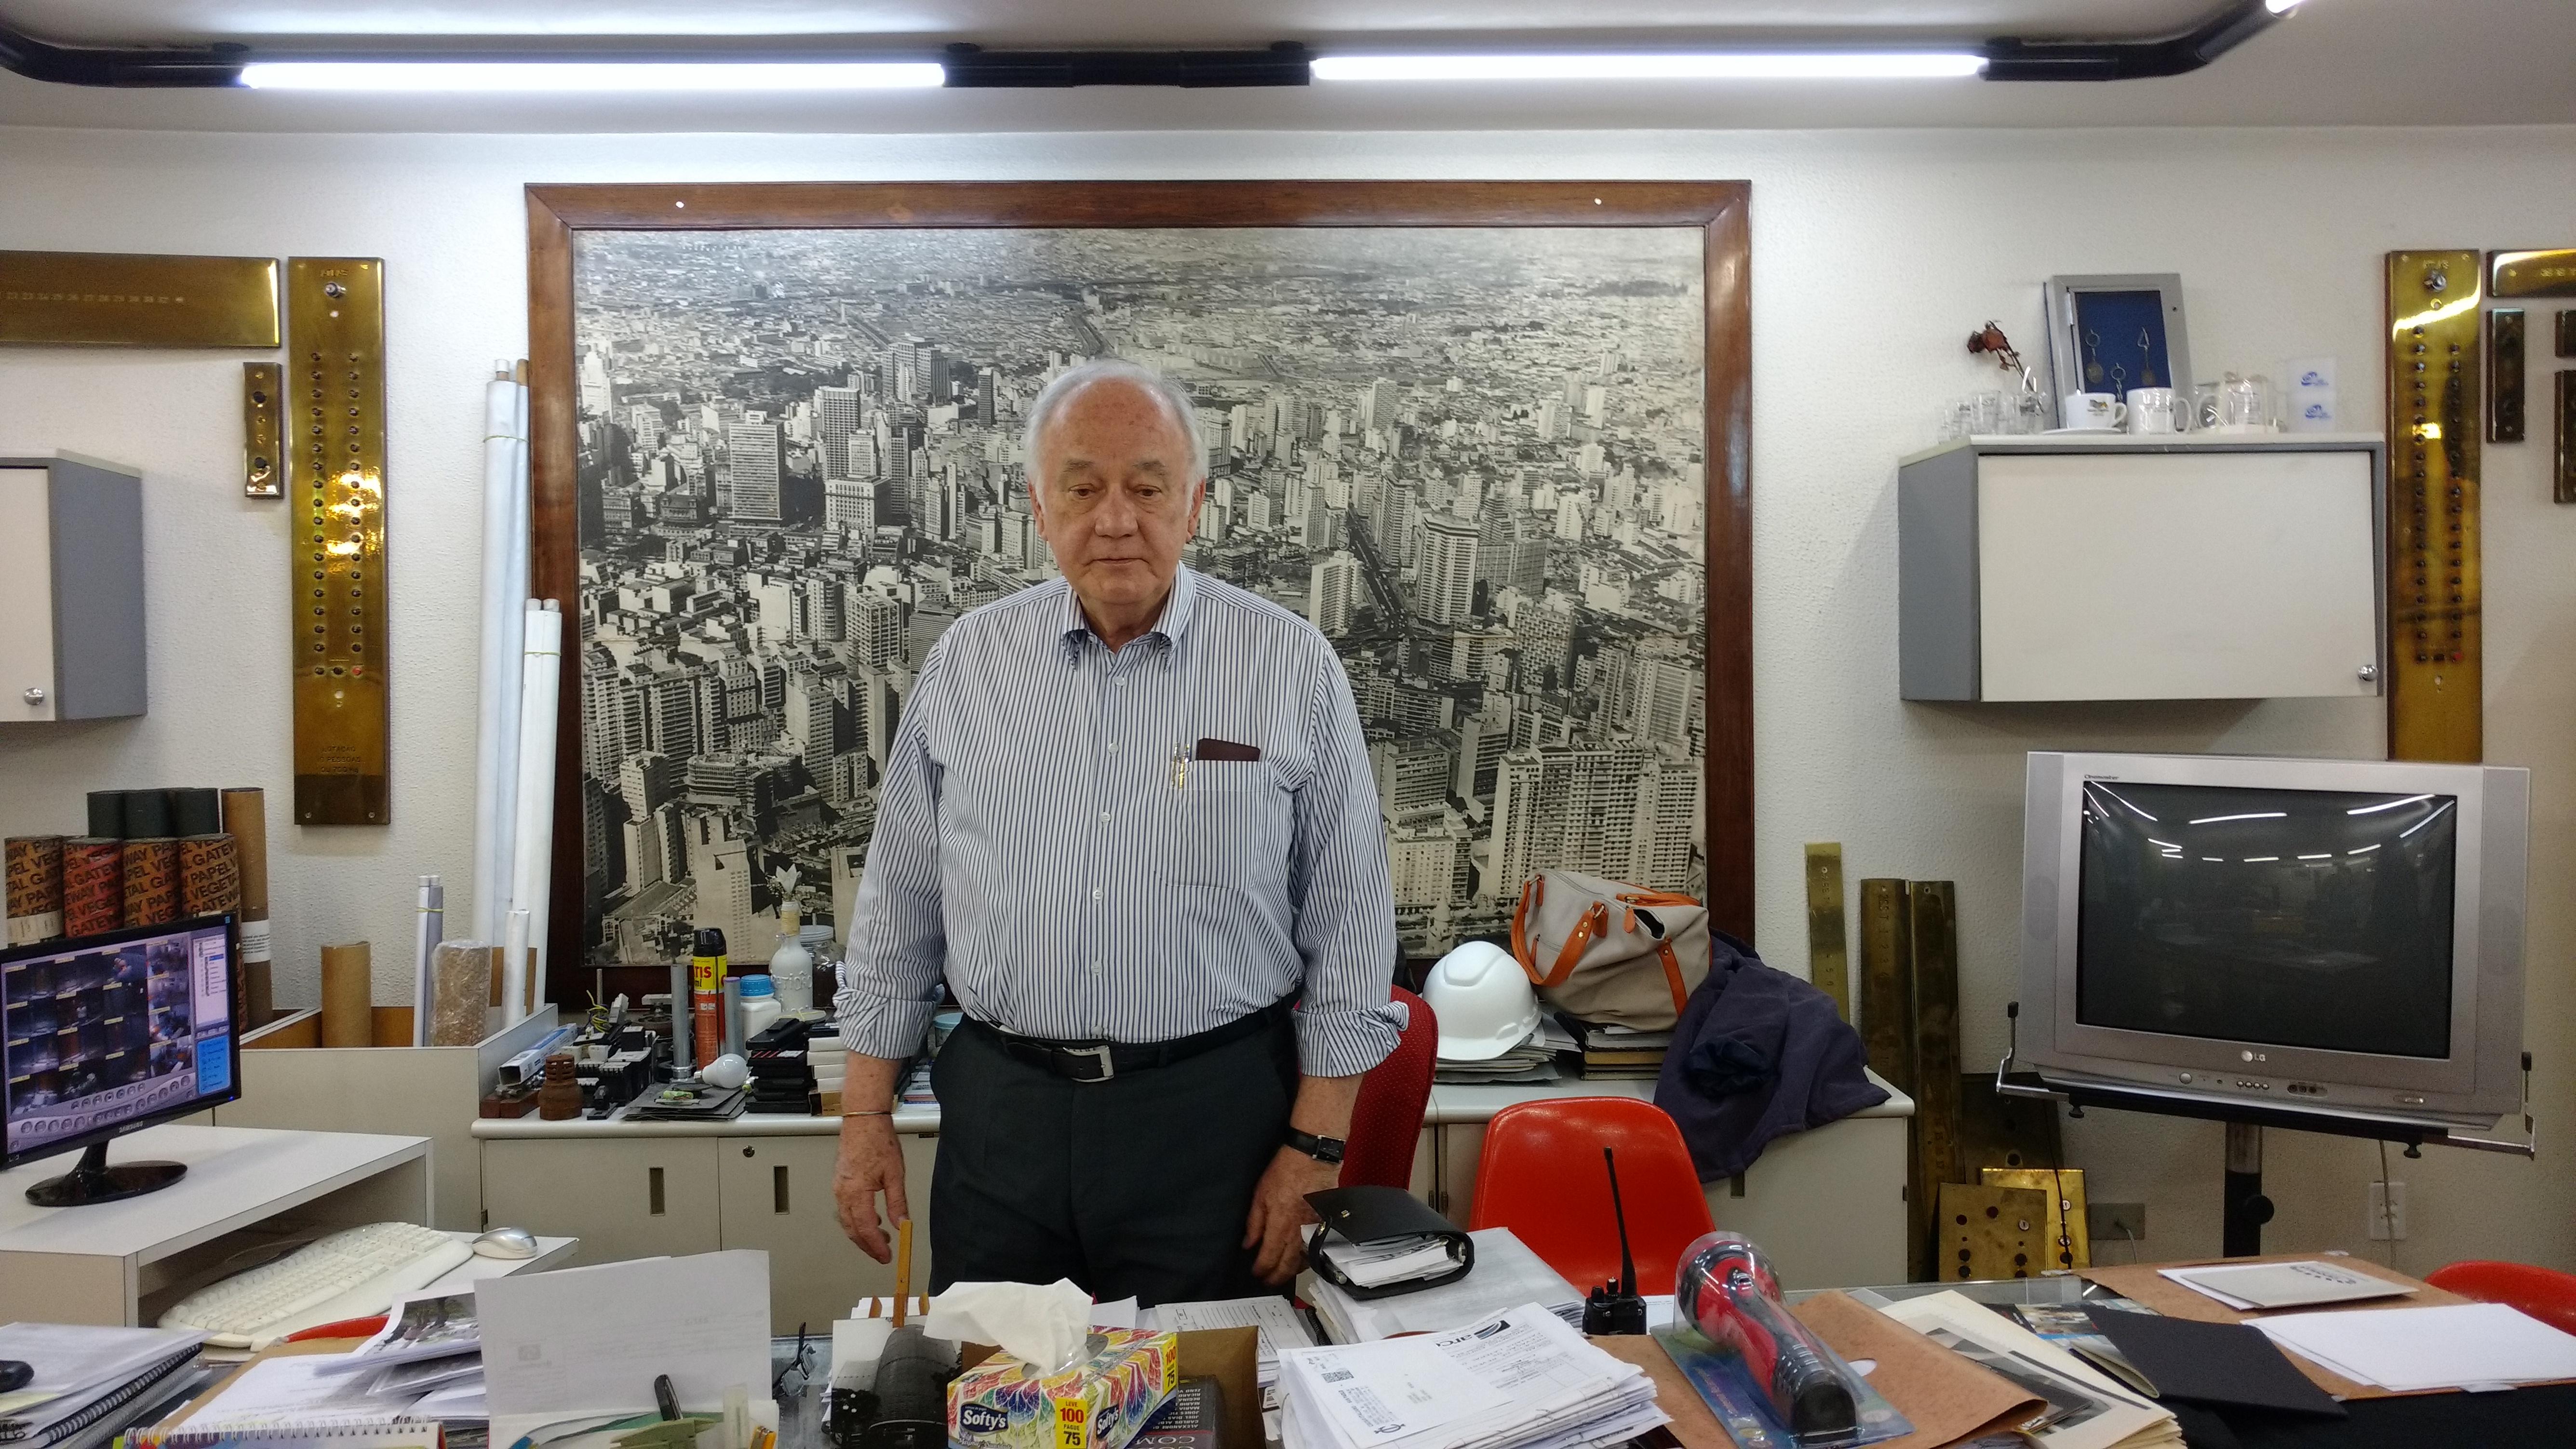 Affonso de Oliveira, síndico do Copan em sua sala (Camila Montagner/Outra Cidade)